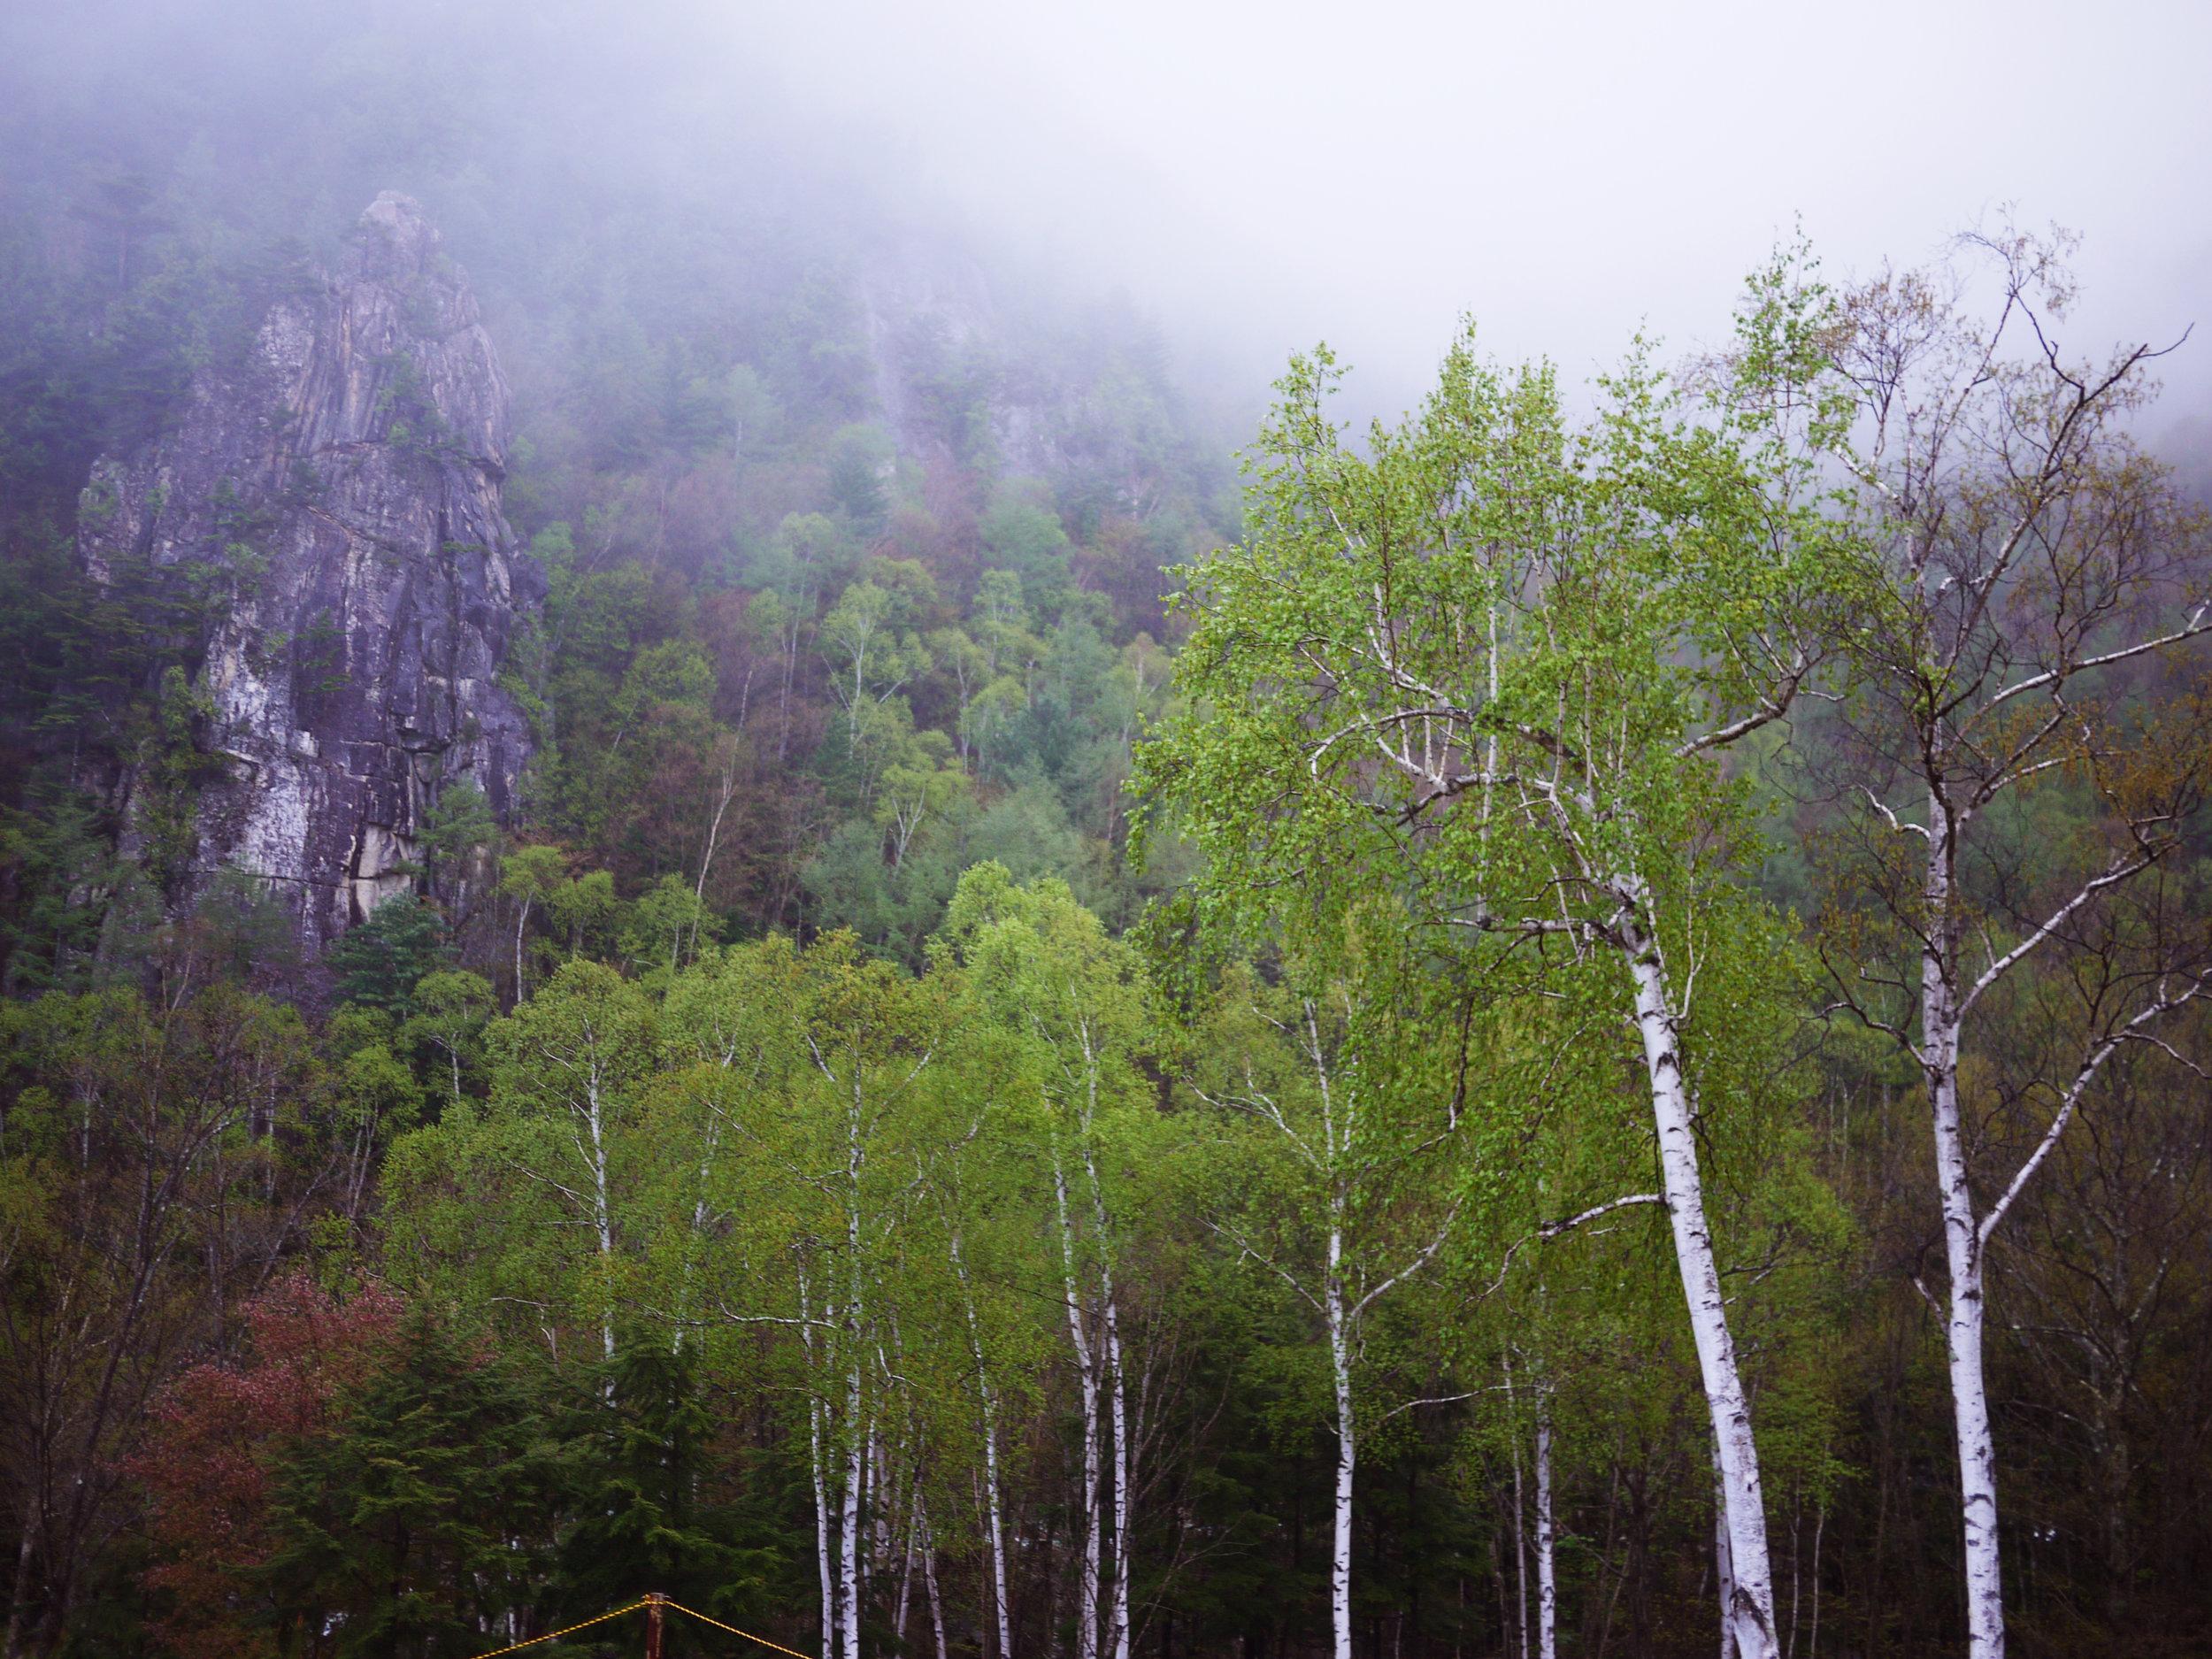 Full Order Wild Hunt Head Spa - フルオーダー ワイルドハントヘッドスパオーダーを承ってから、季節と自然のコンディションを吟味して山や自然の中に入り、ワイルドの薬草やハーブ、自然の恵みを採取し、その植物と自社で蒸留したオイルとハーブをーターを使用して行い、古来からのアーユルヴェーダのレシピを大学研究所による最新化学で復活させたオールナチュラルの頭皮用美容液を最新テクノロジーの低周波美容機器で頭皮に浸透させていきますご依頼されたクライアントにはワイルドハーブを採取している様子などの動画や様子の写真を全て公開いたします*2週間前からのご予約となります